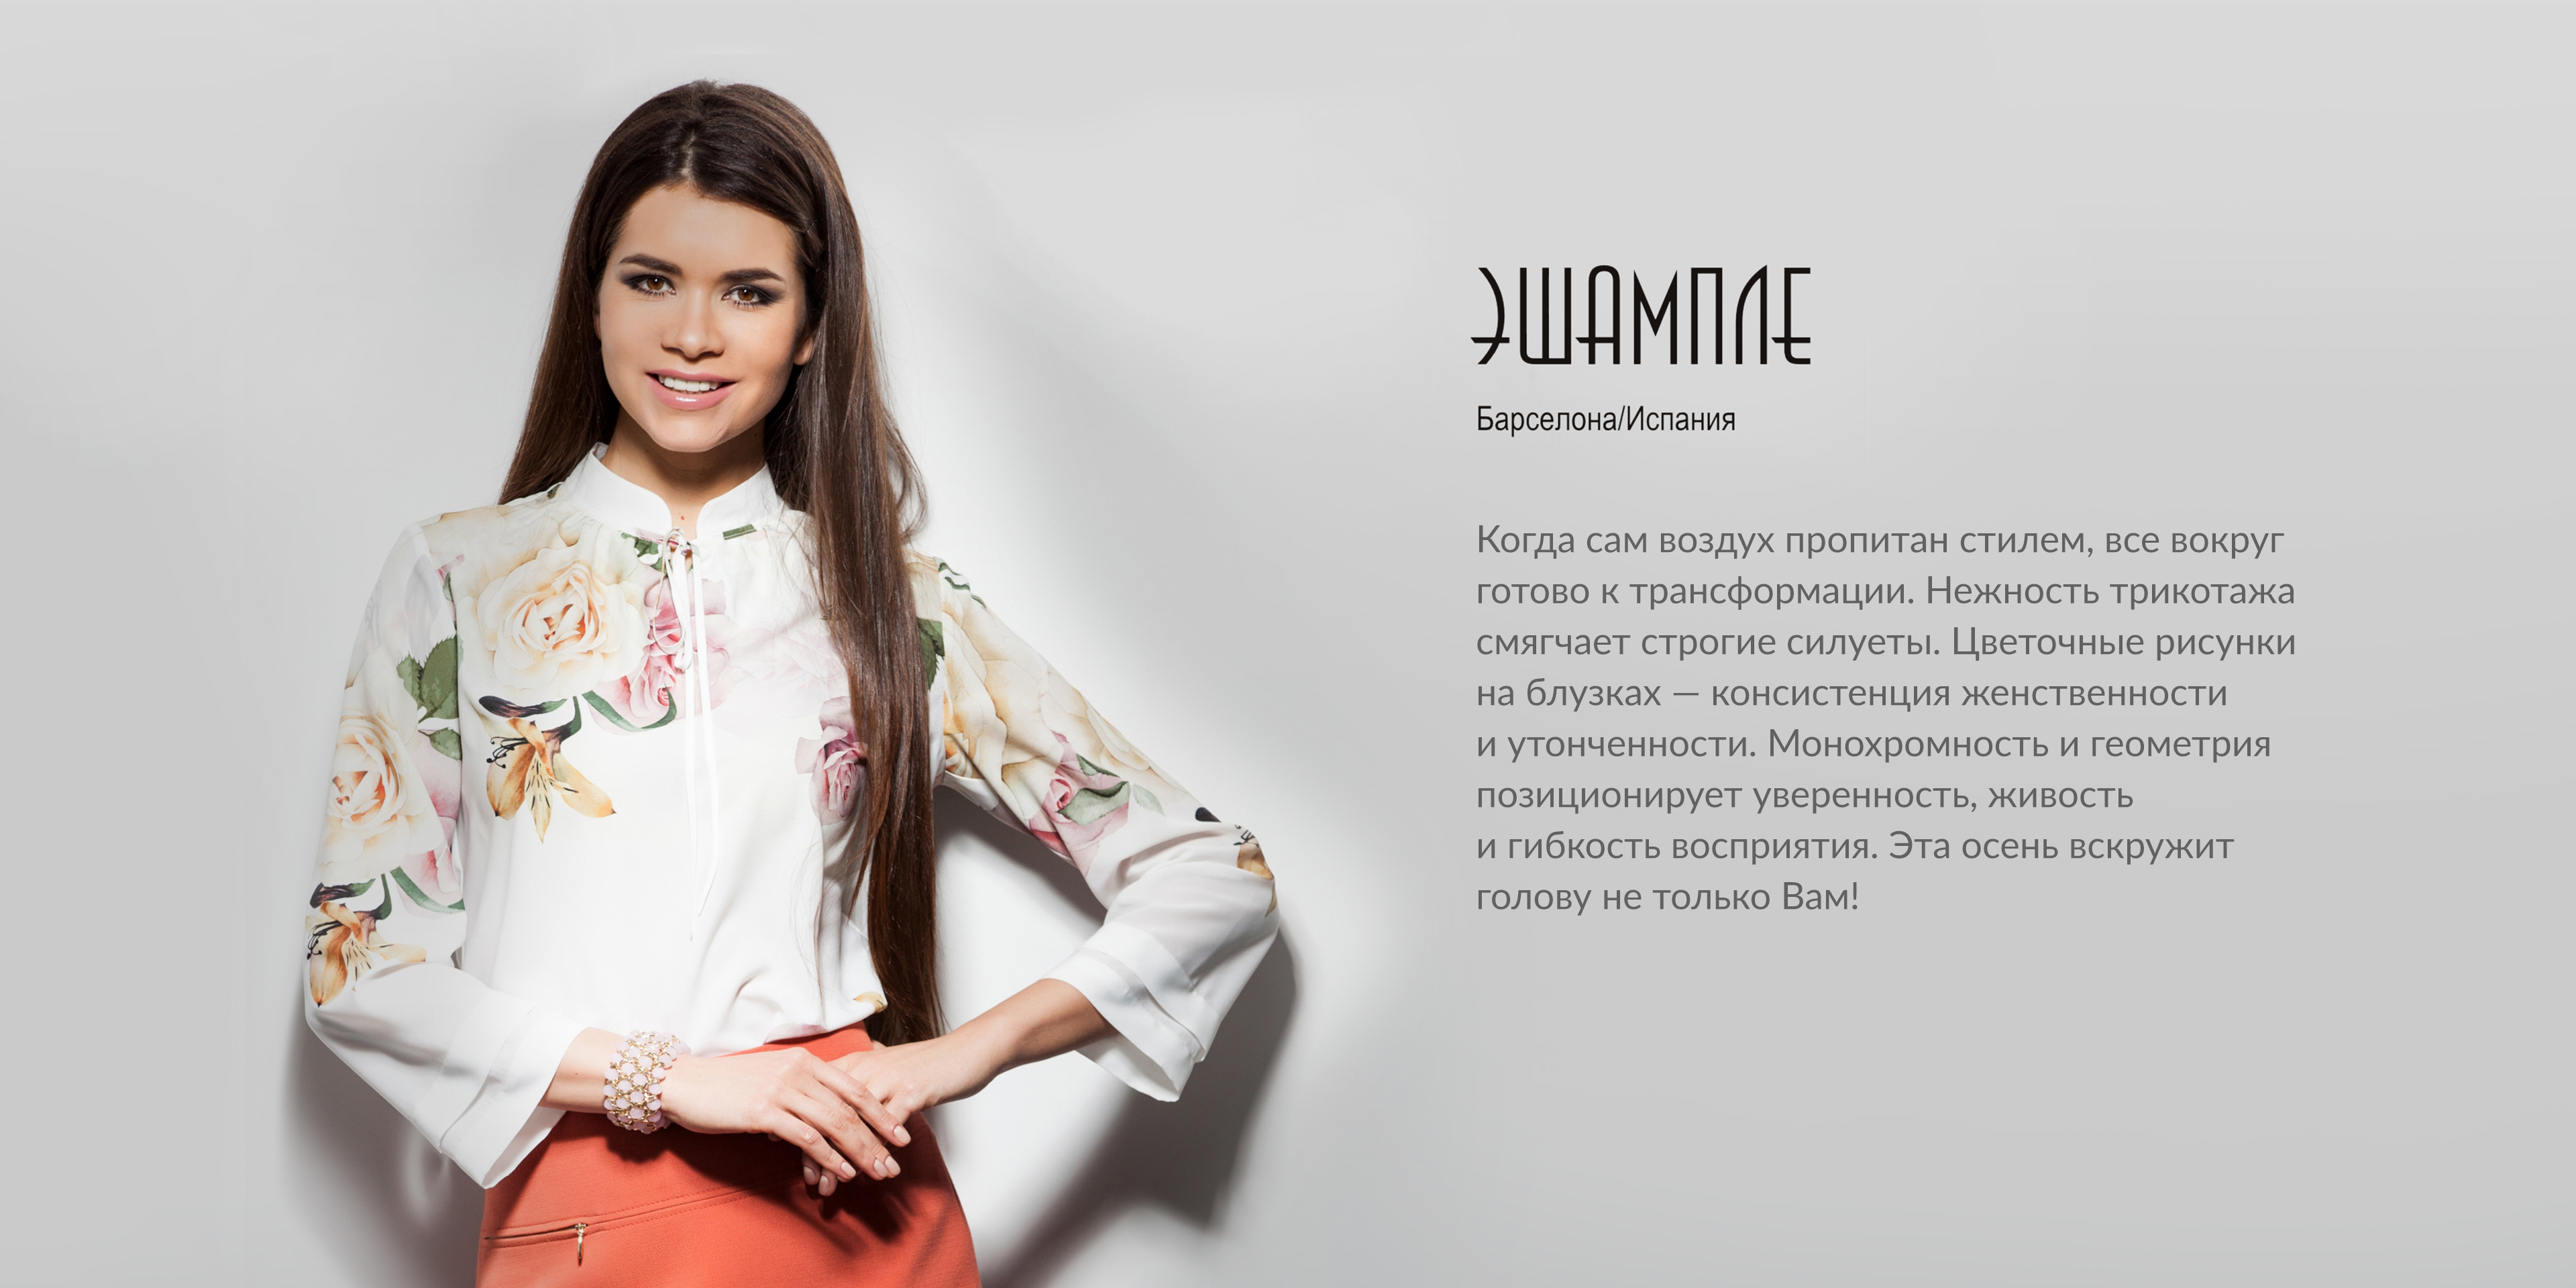 Сбор заказов. ТМ Devur, ТМ Femme - сногсшибательная, высококачественная женская одежда от Белорусского производителя